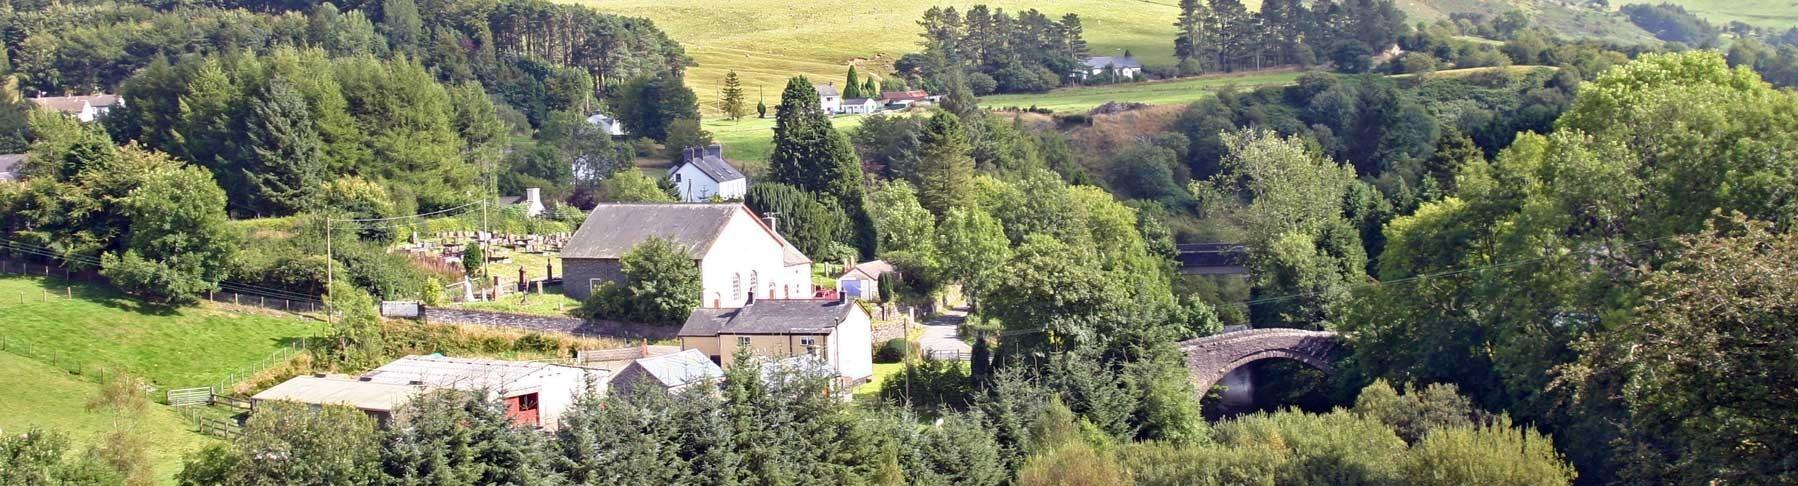 Cymuned Ponterwyd Community